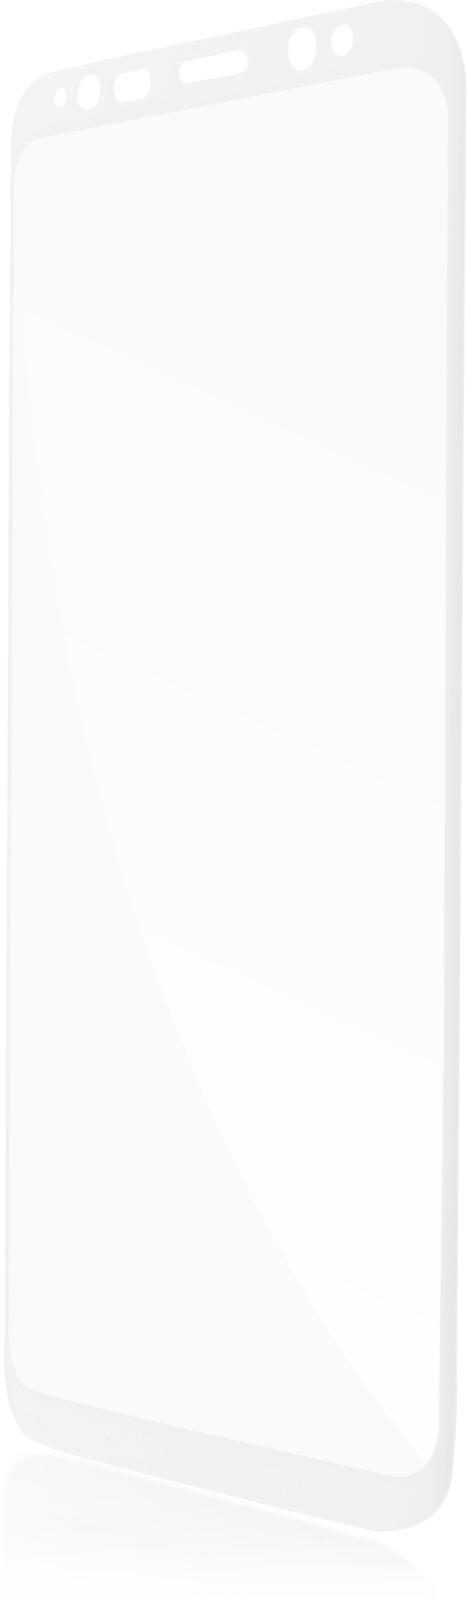 Защитное стекло Brosco 3D для Samsung Galaxy S8, белый защитное стекло для samsung galaxy s8 sm g950 onext 3d изогнутое по форме дисплея с прозрачной рамкой